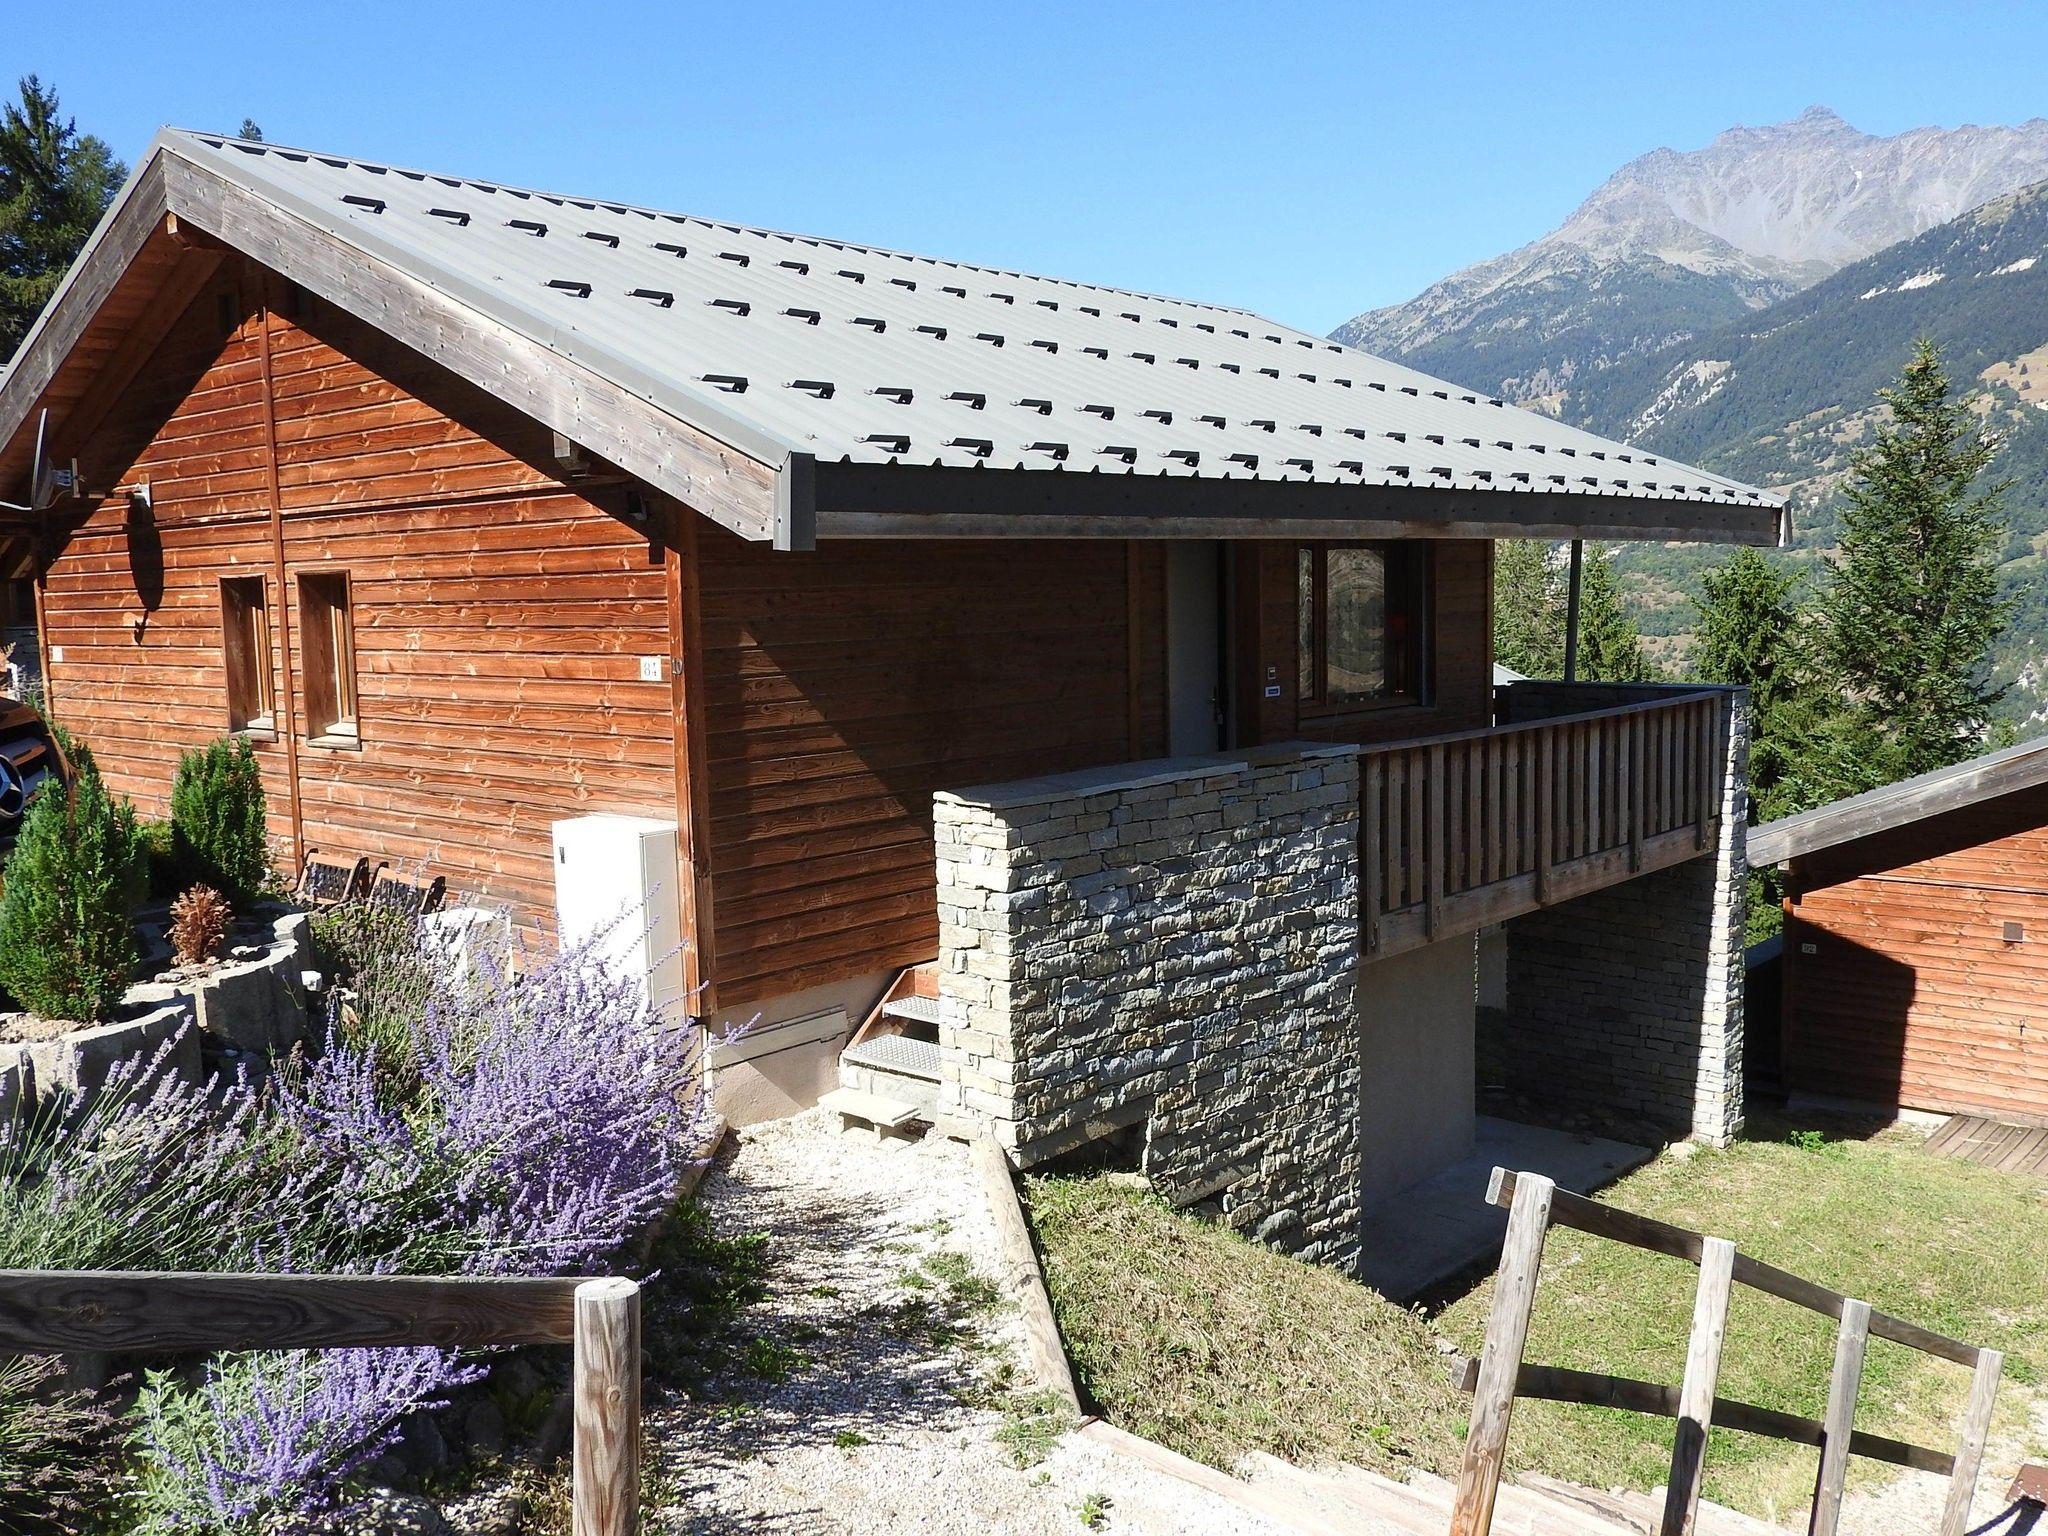 Residencia de 2 habitaciones en Villarodin-bourget